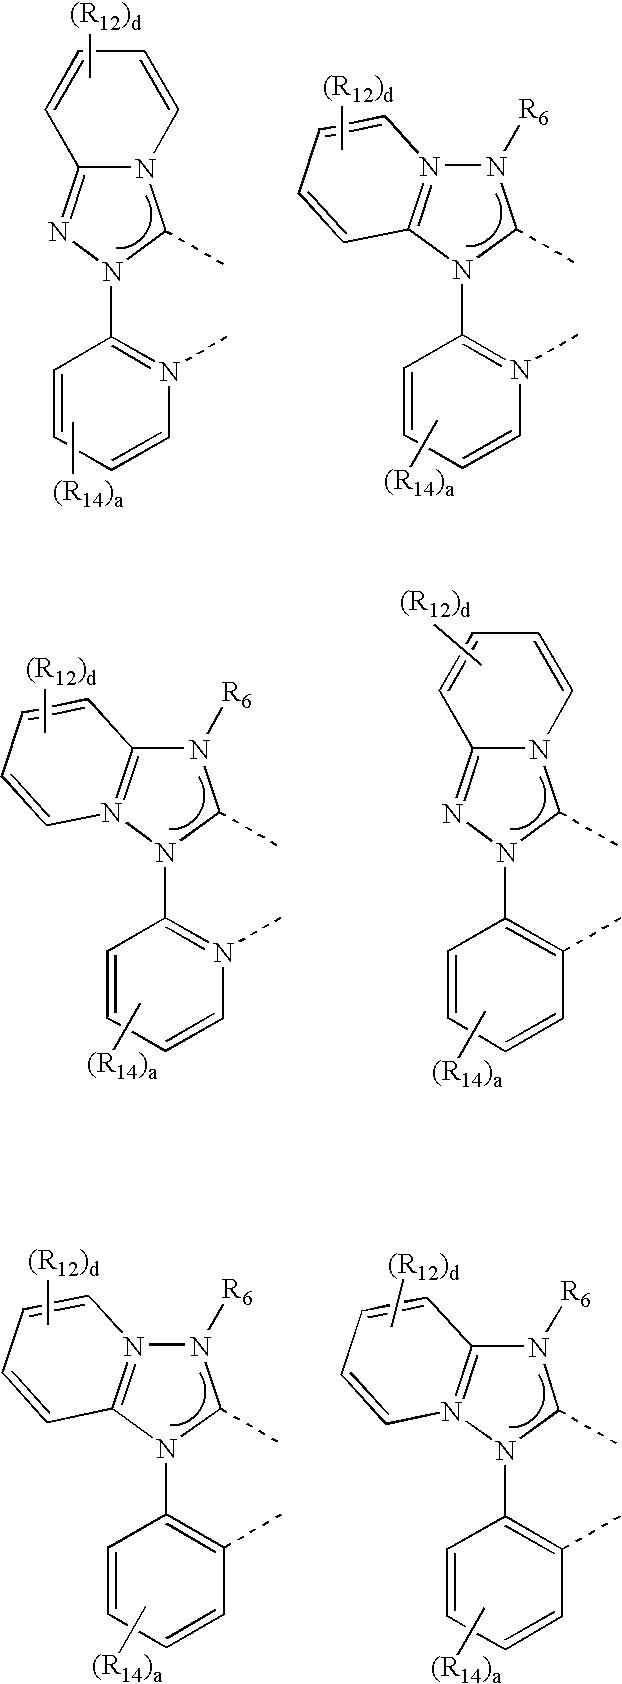 Figure US20050260441A1-20051124-C00085